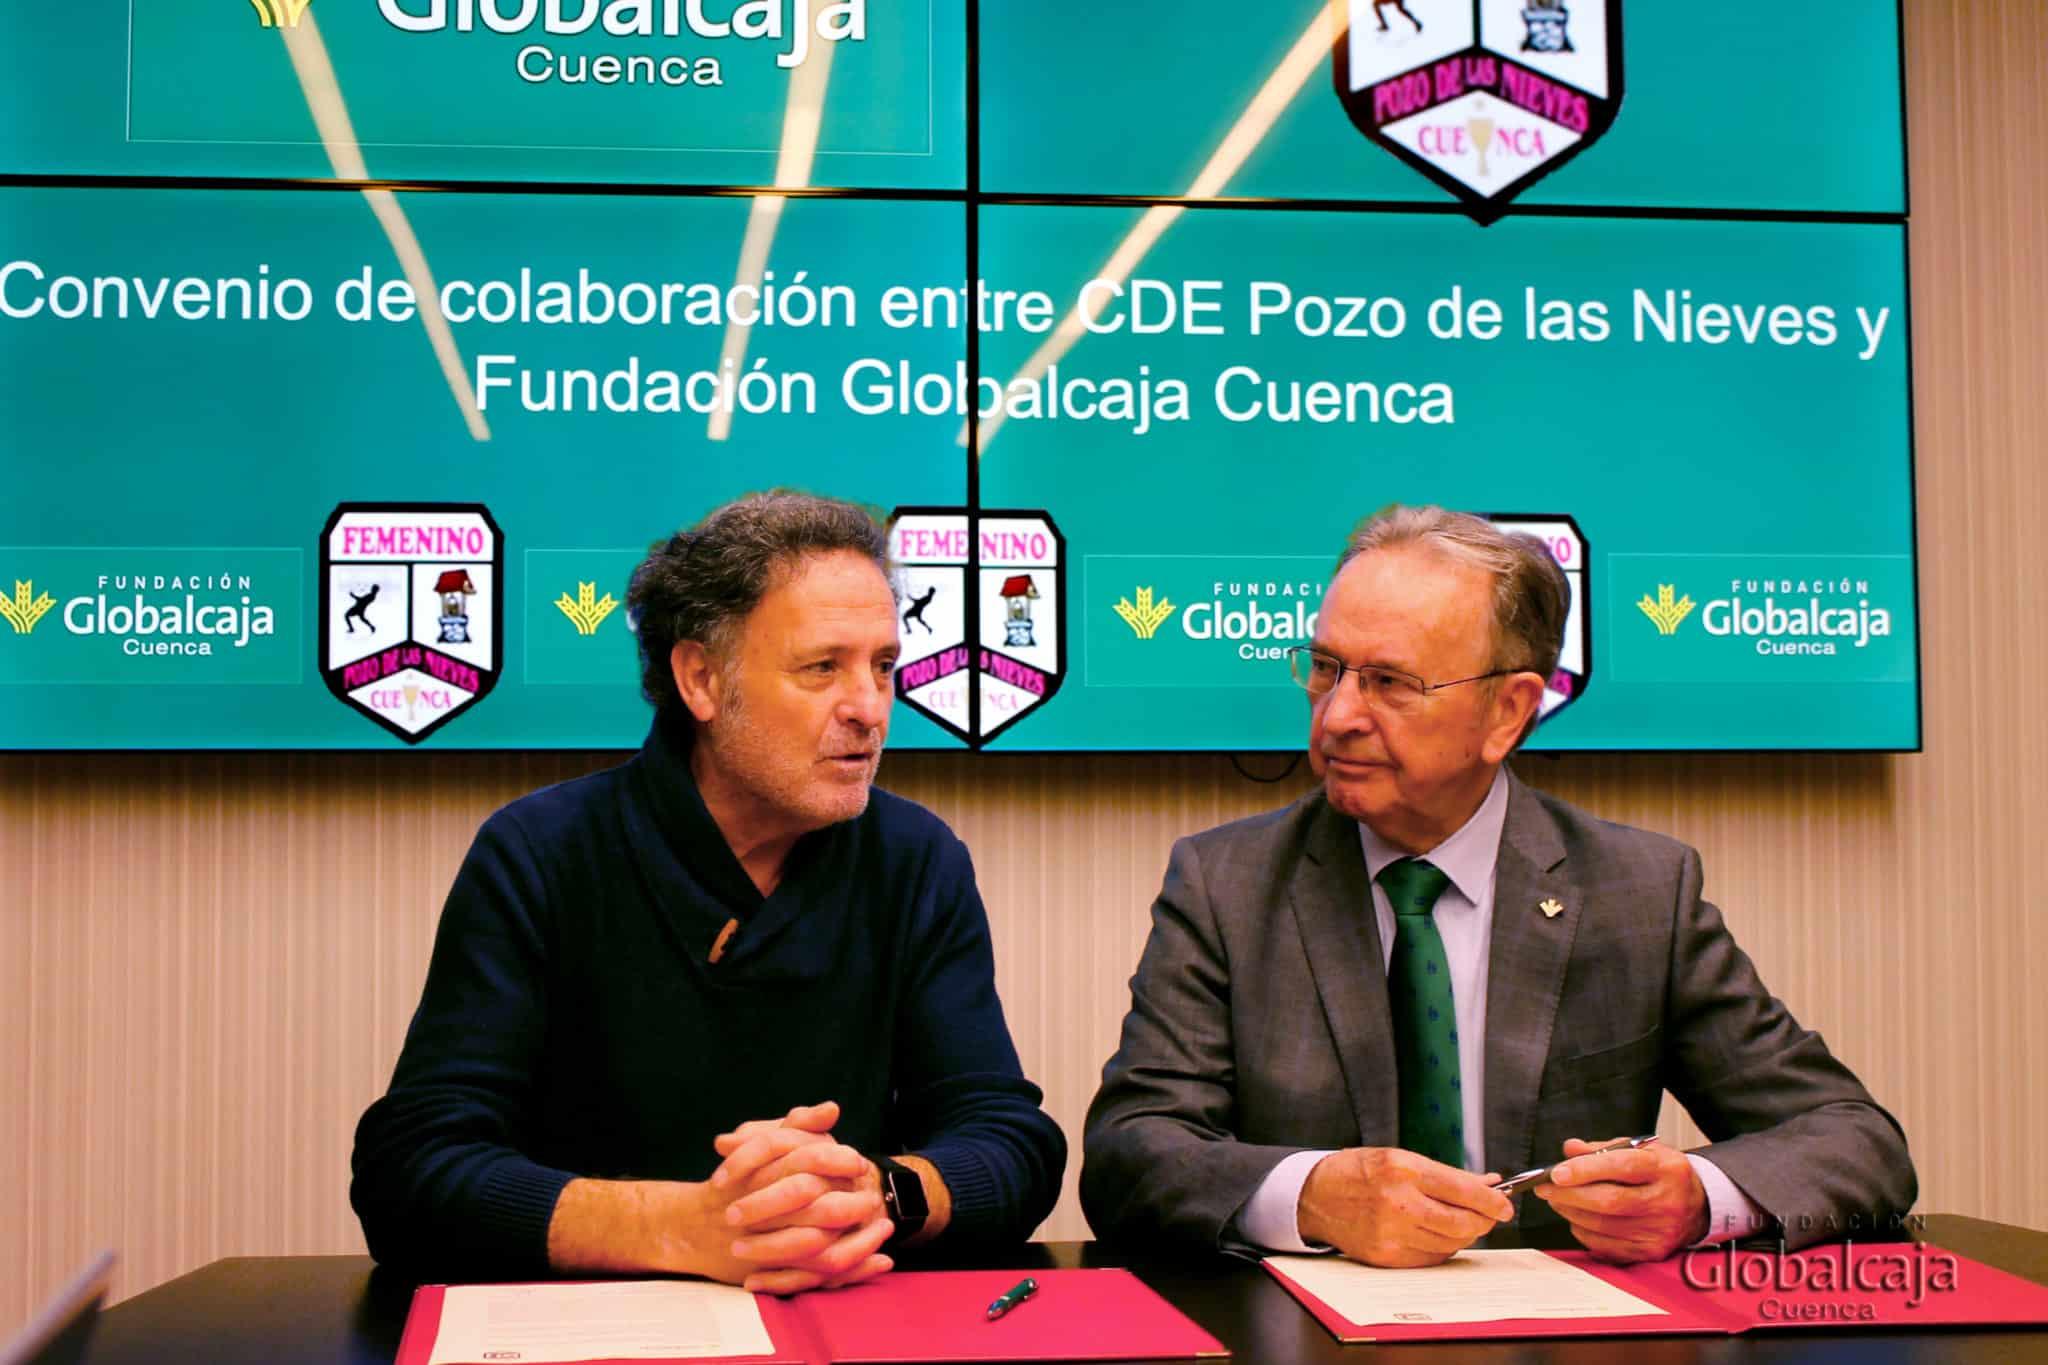 https://blog.globalcaja.es/wp-content/uploads/2020/03/La-Fundación-Globalcaja-Cuenca-con-el-equipo-femenino-CD-Pozo-de-las-Nieves.jpg